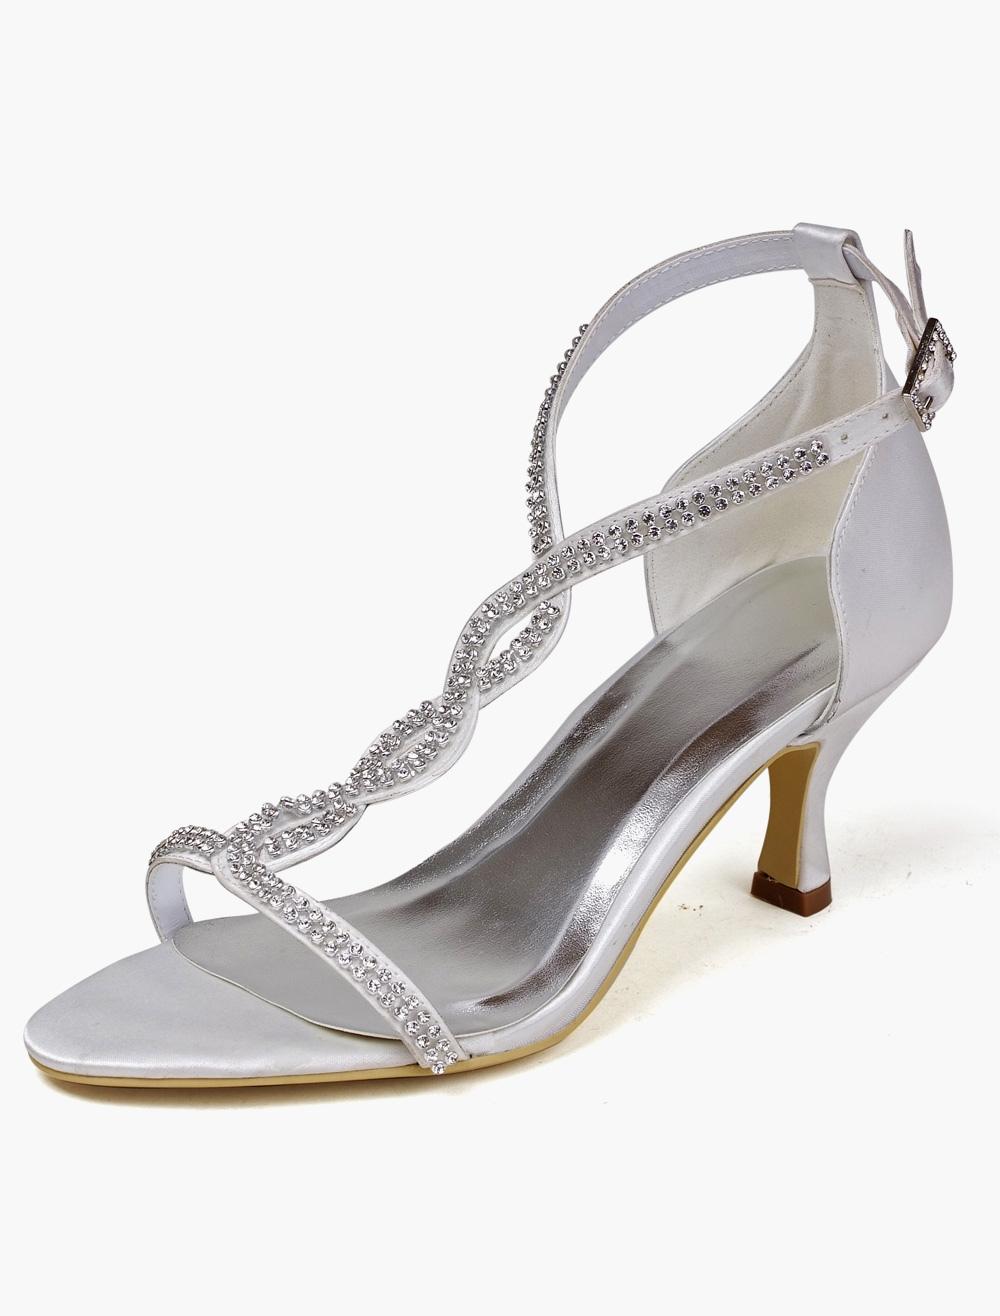 3fc76da21 ... Beautiful White Rhinestone Open Toe Silk And Satin Bridal Pumps-No.9.  12. 30%OFF. Color:White